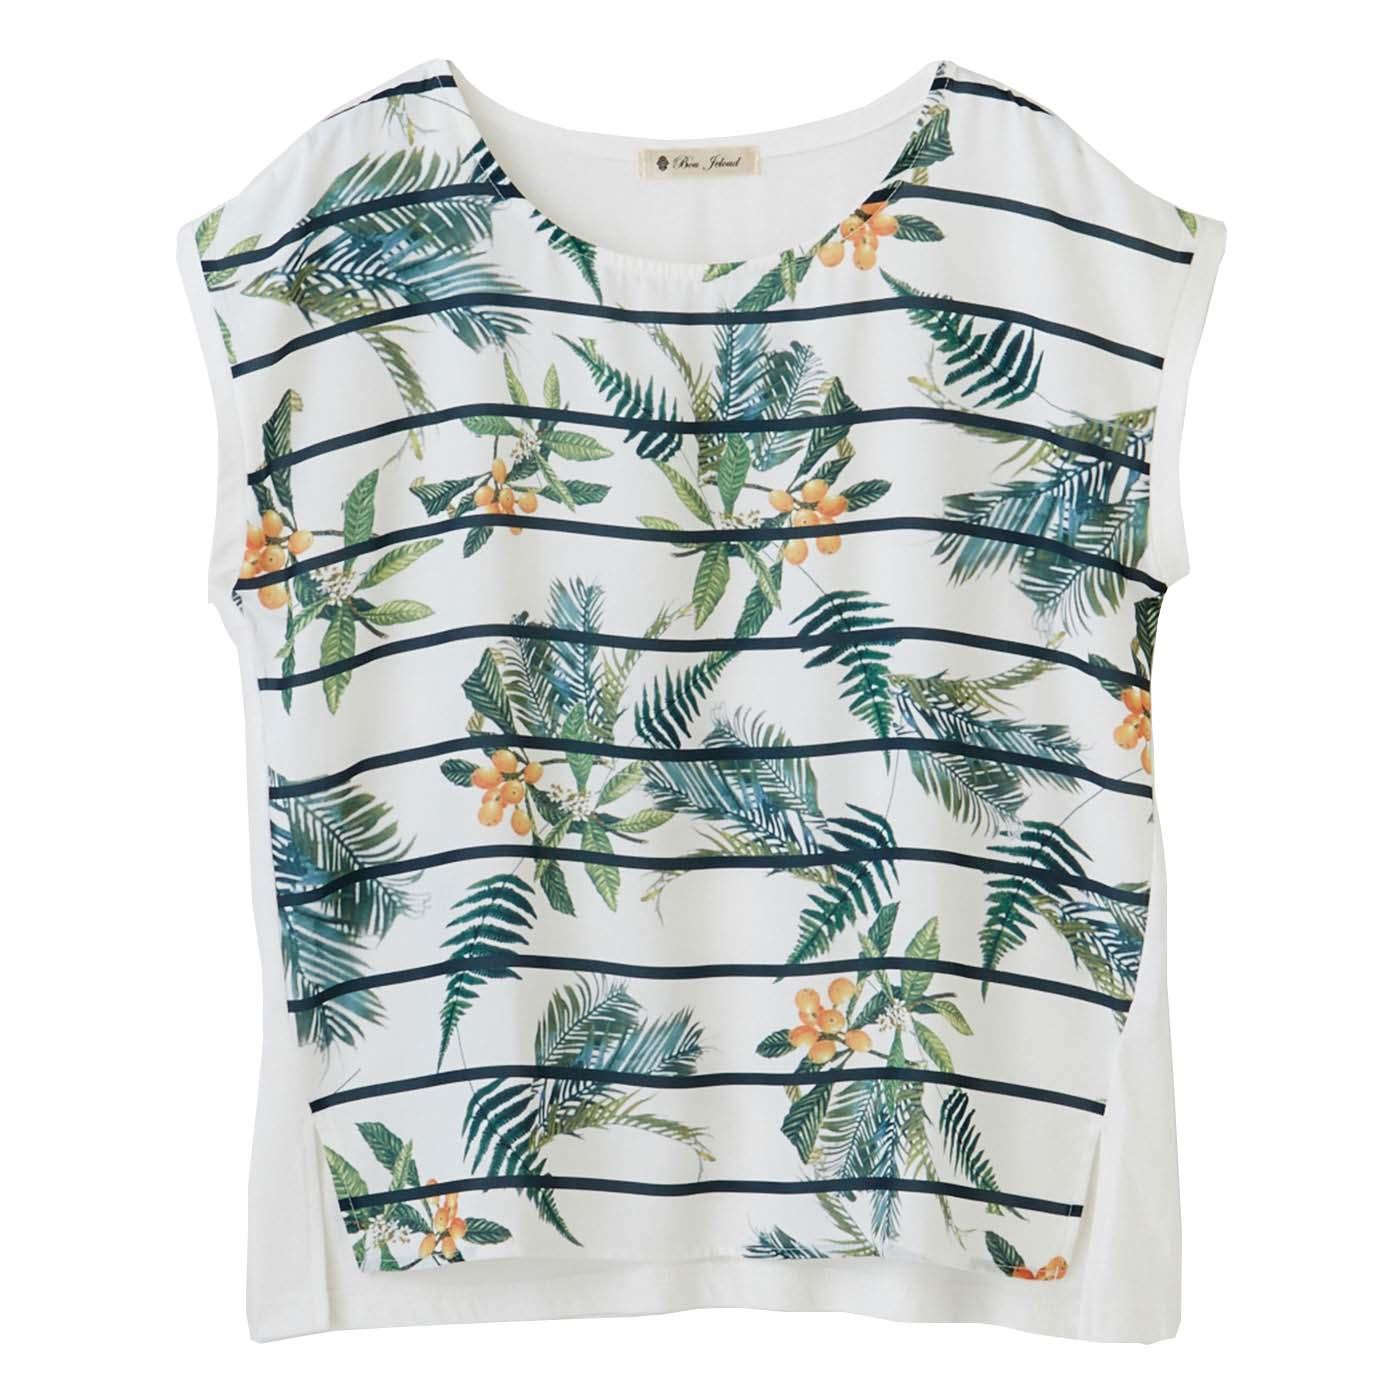 フレンチスリーブや広めの衿ぐりがキレイな印象に。トレンドのボタニカルプリントのトップスは夏にぴったり。